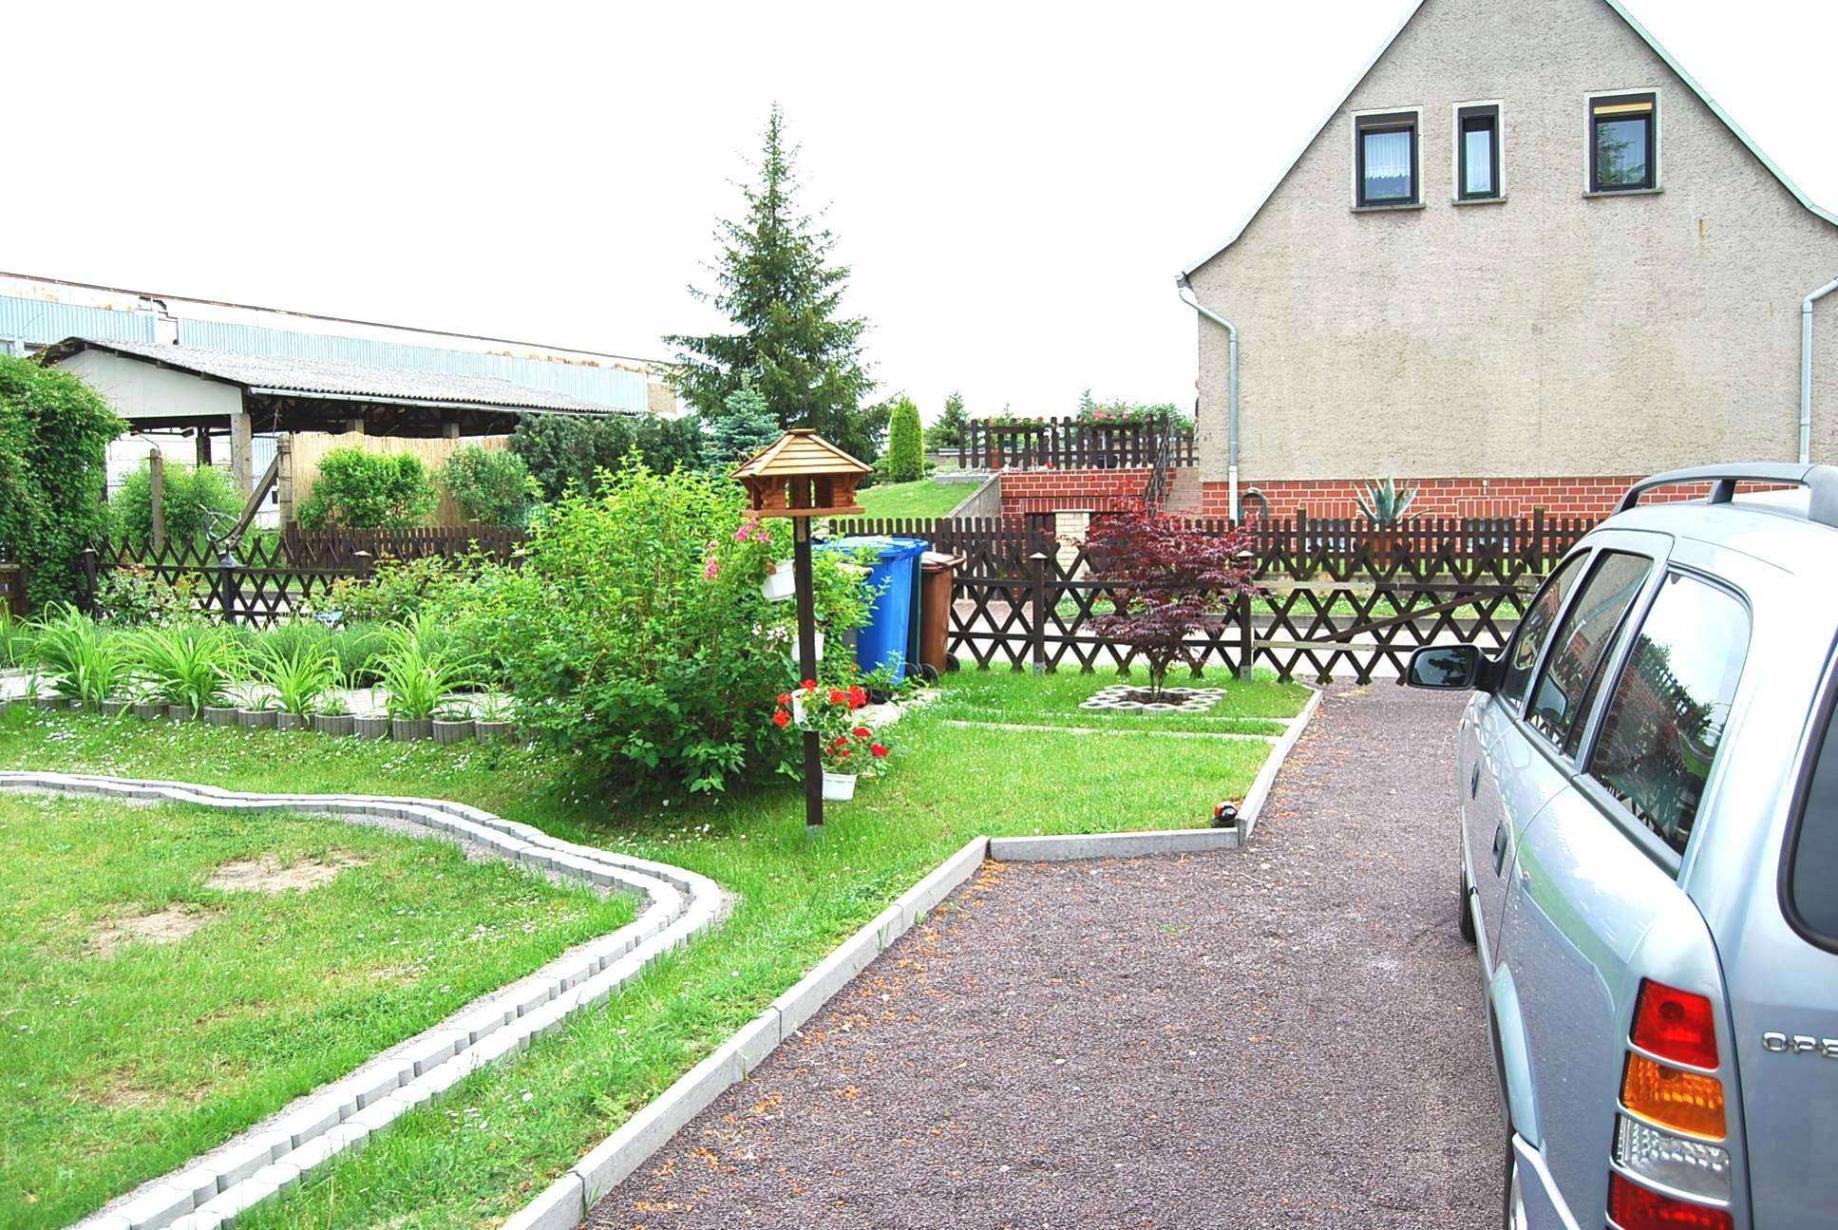 Gartengestaltung Pavillon Ideen Inspirierend Grillplatz Im Garten Anlegen — Temobardz Home Blog